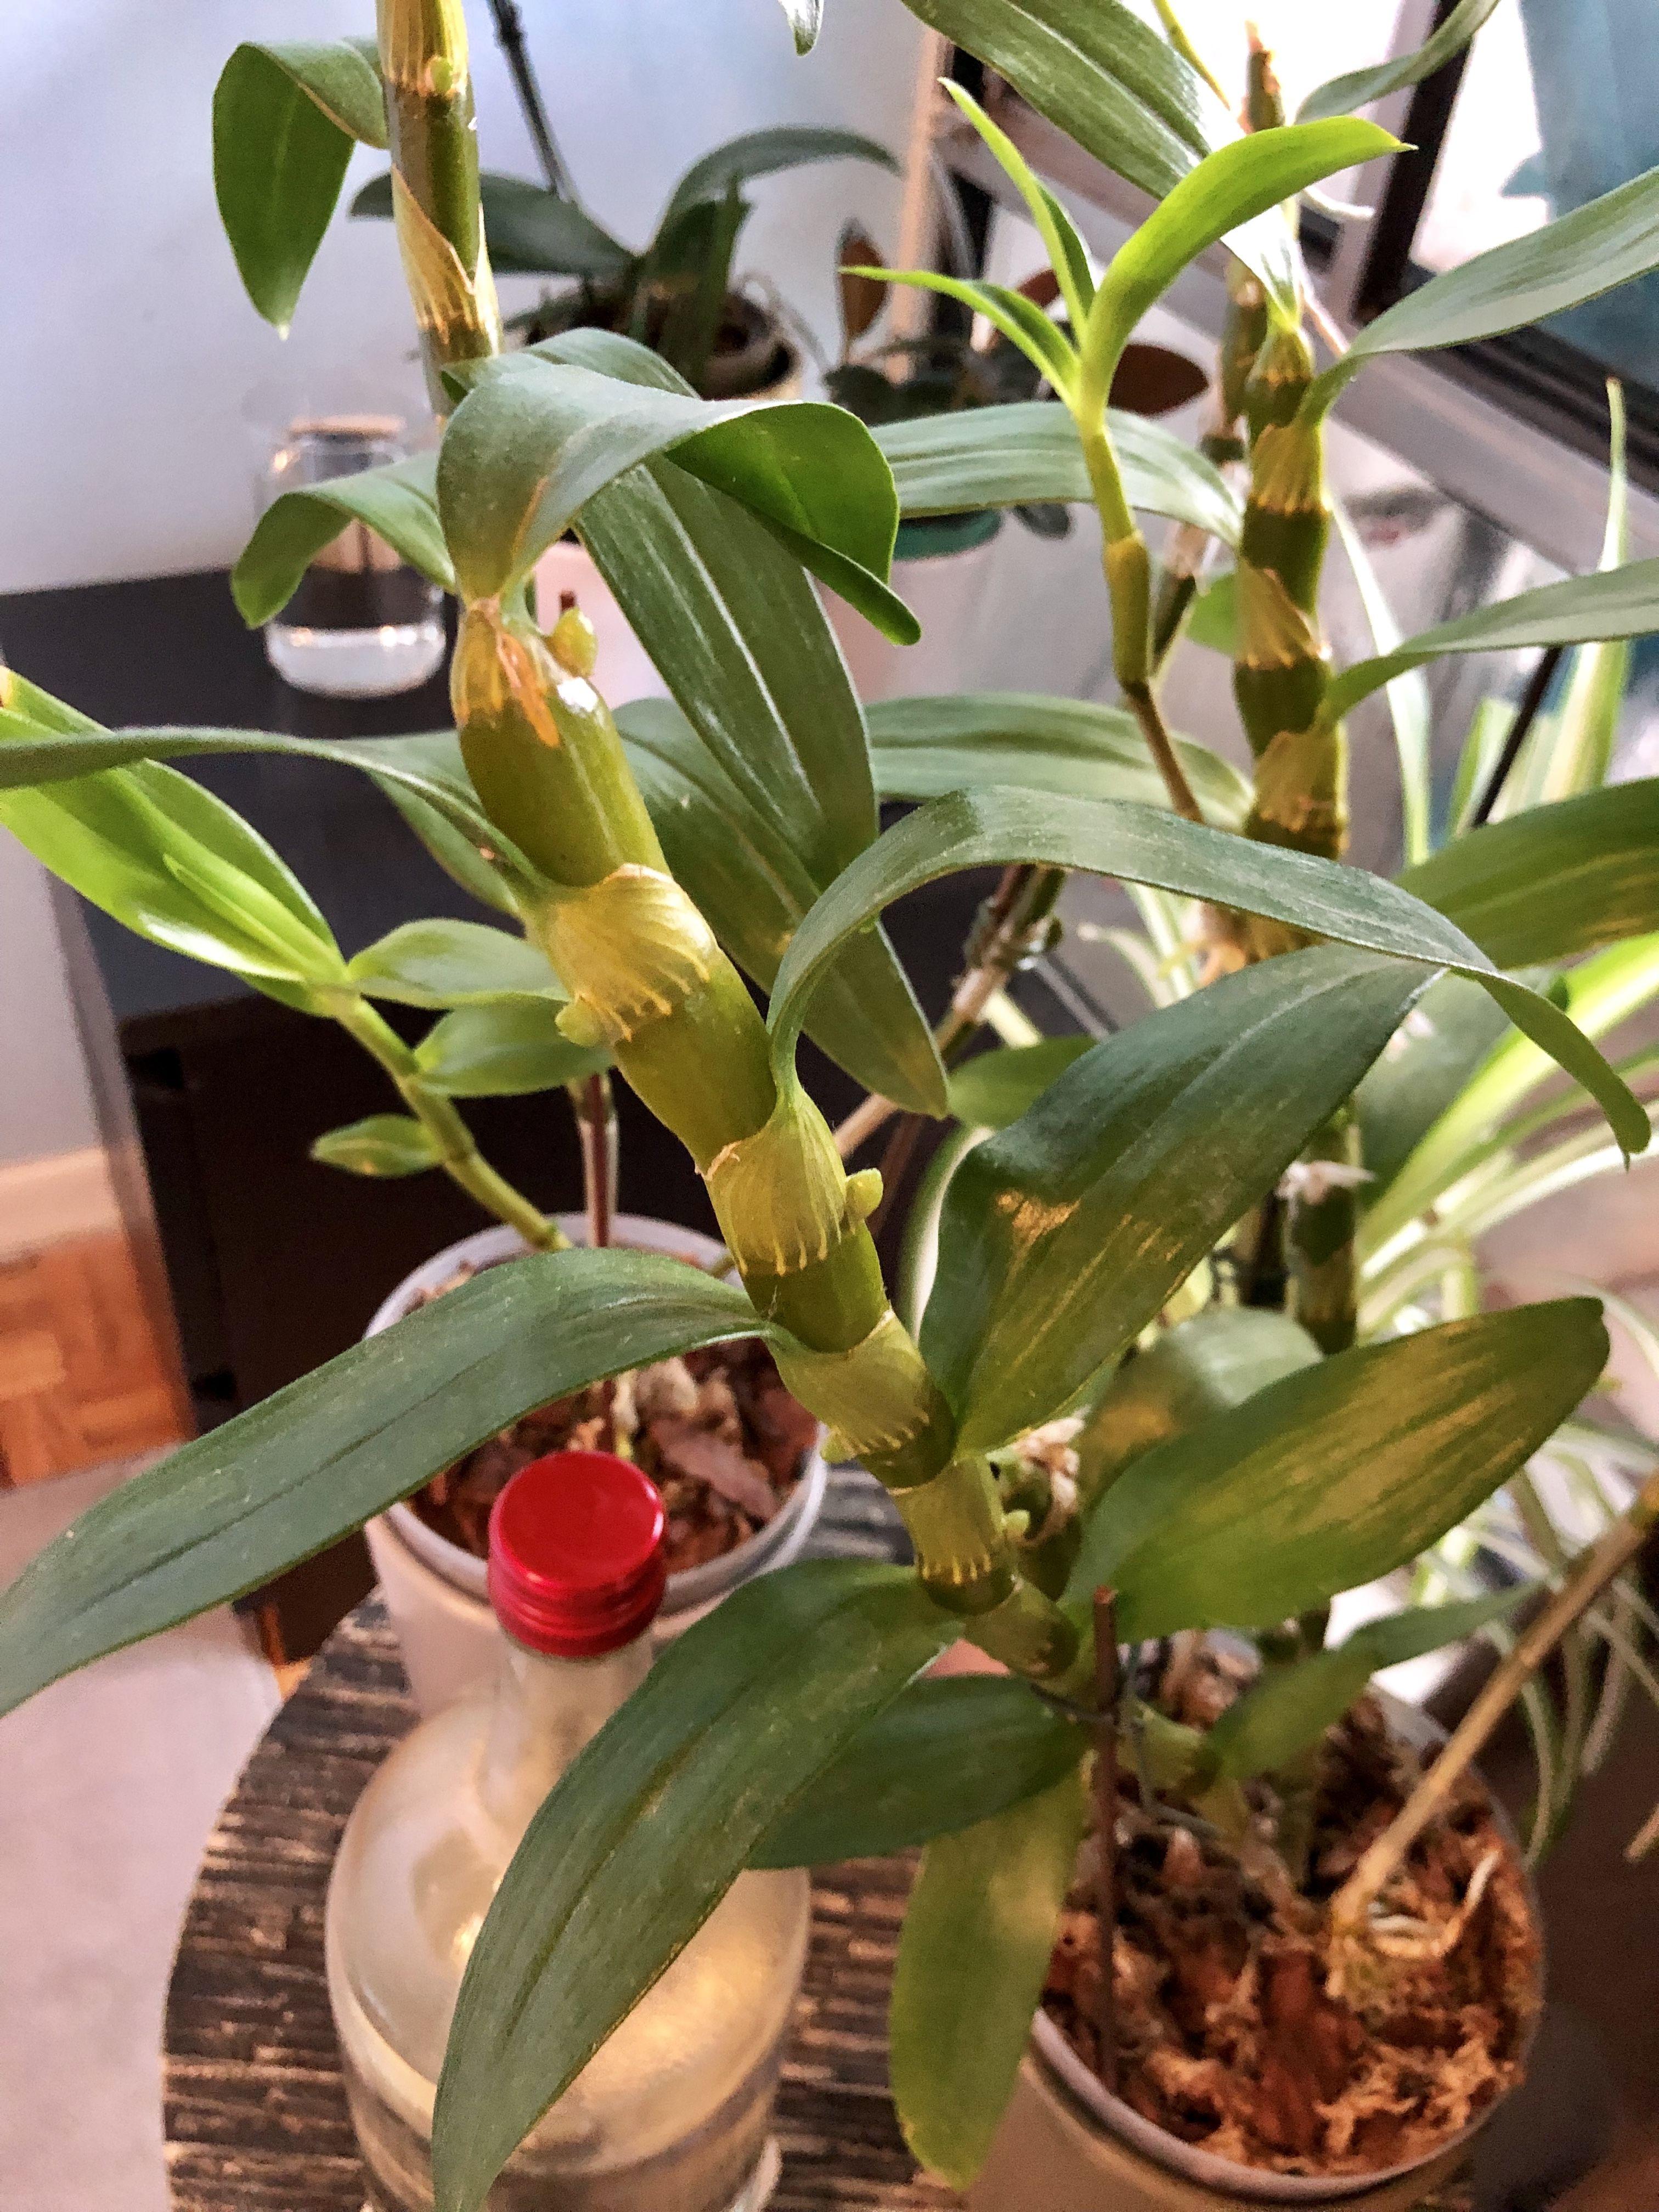 Dendrobium Nobile 1 06 21 2019 Dendrobium Orchids Dendrobium Nobile Orchids